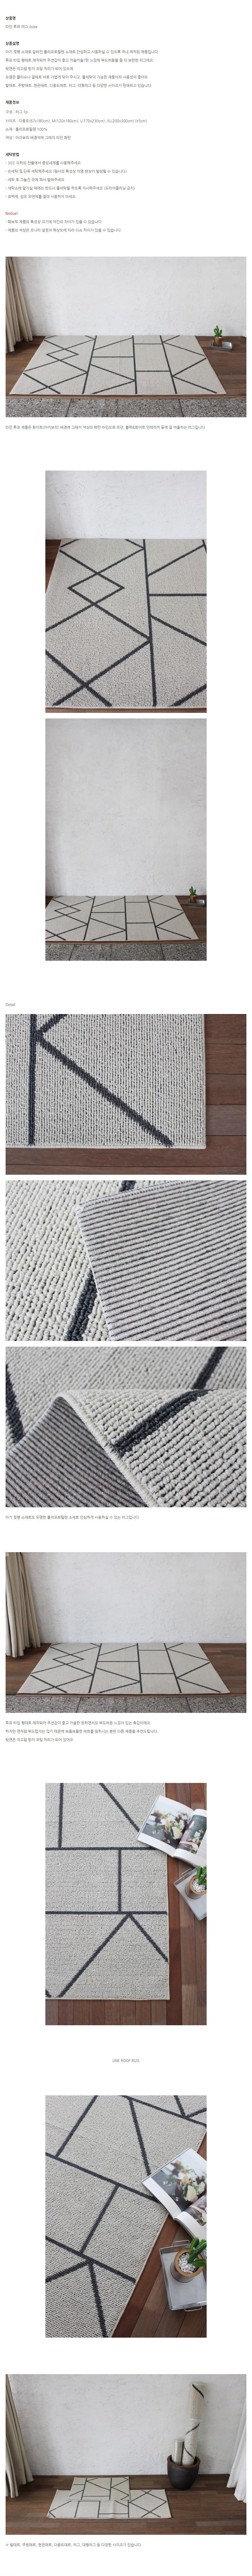 라인 루프 러그 - XL 200x300cm - 홈앳, 380,000원, 디자인러그, 디자인러그